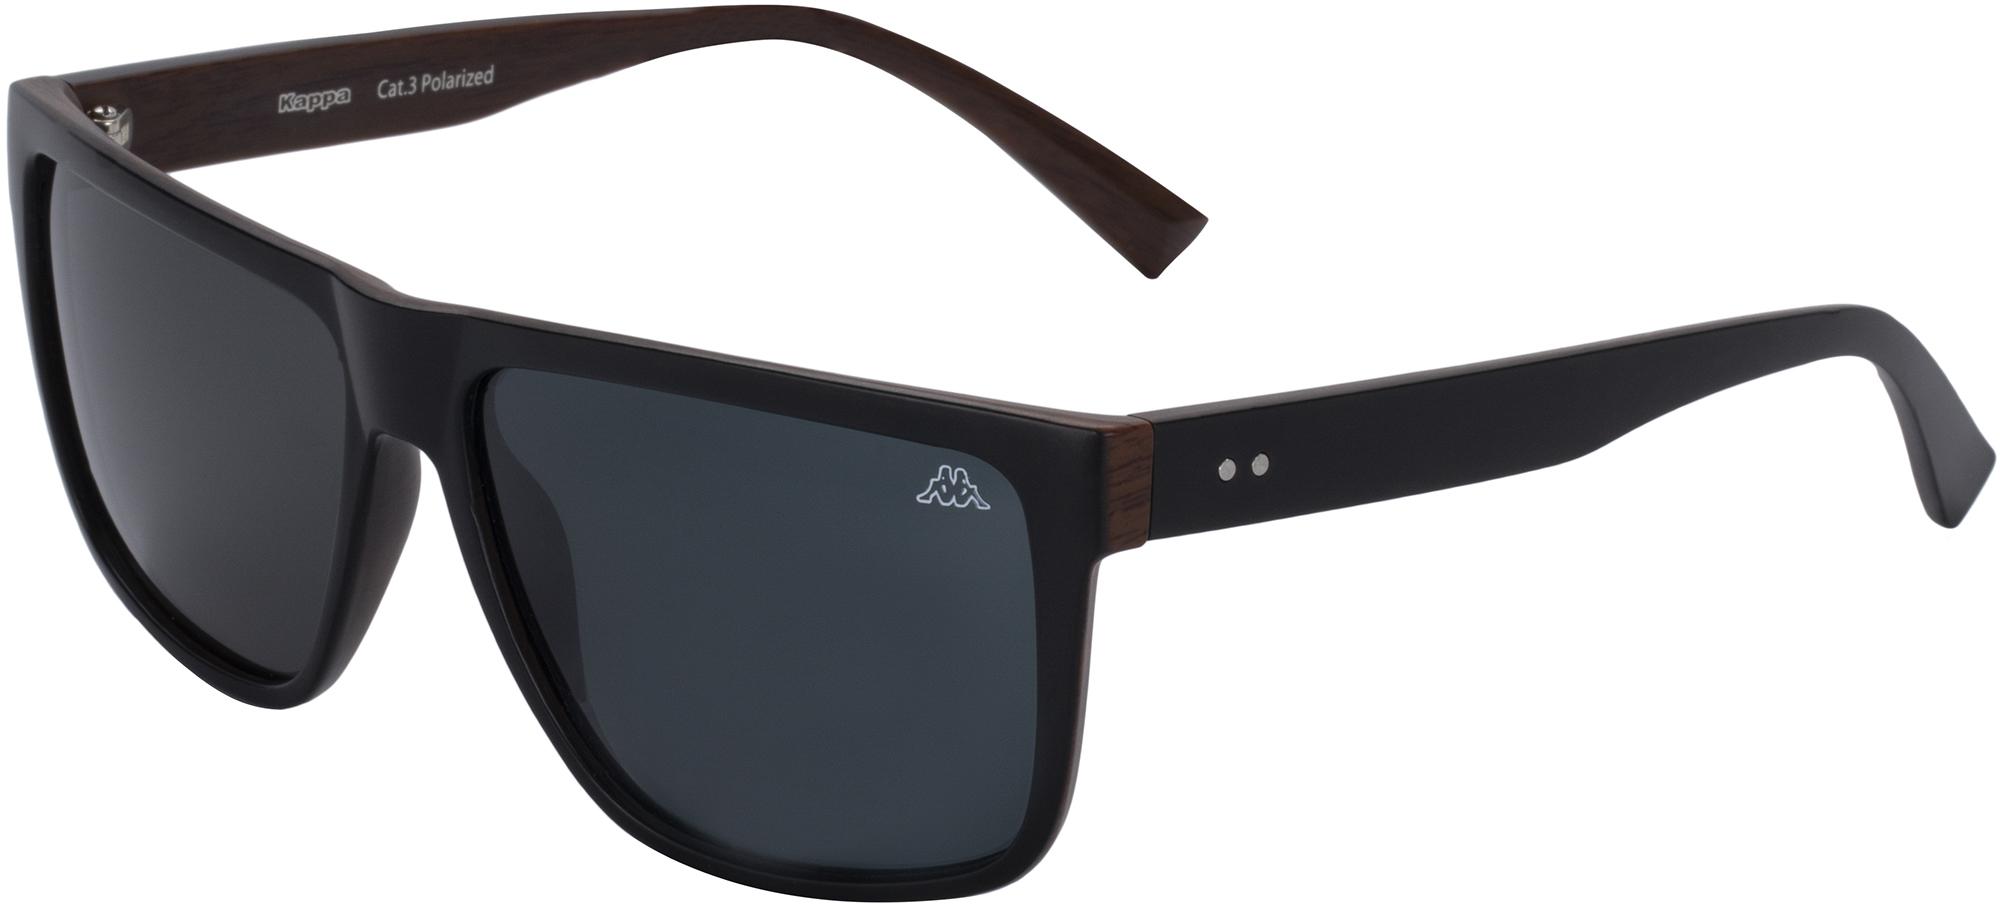 солнцезащитные очки Kappa Солнцезащитные очки Kappa